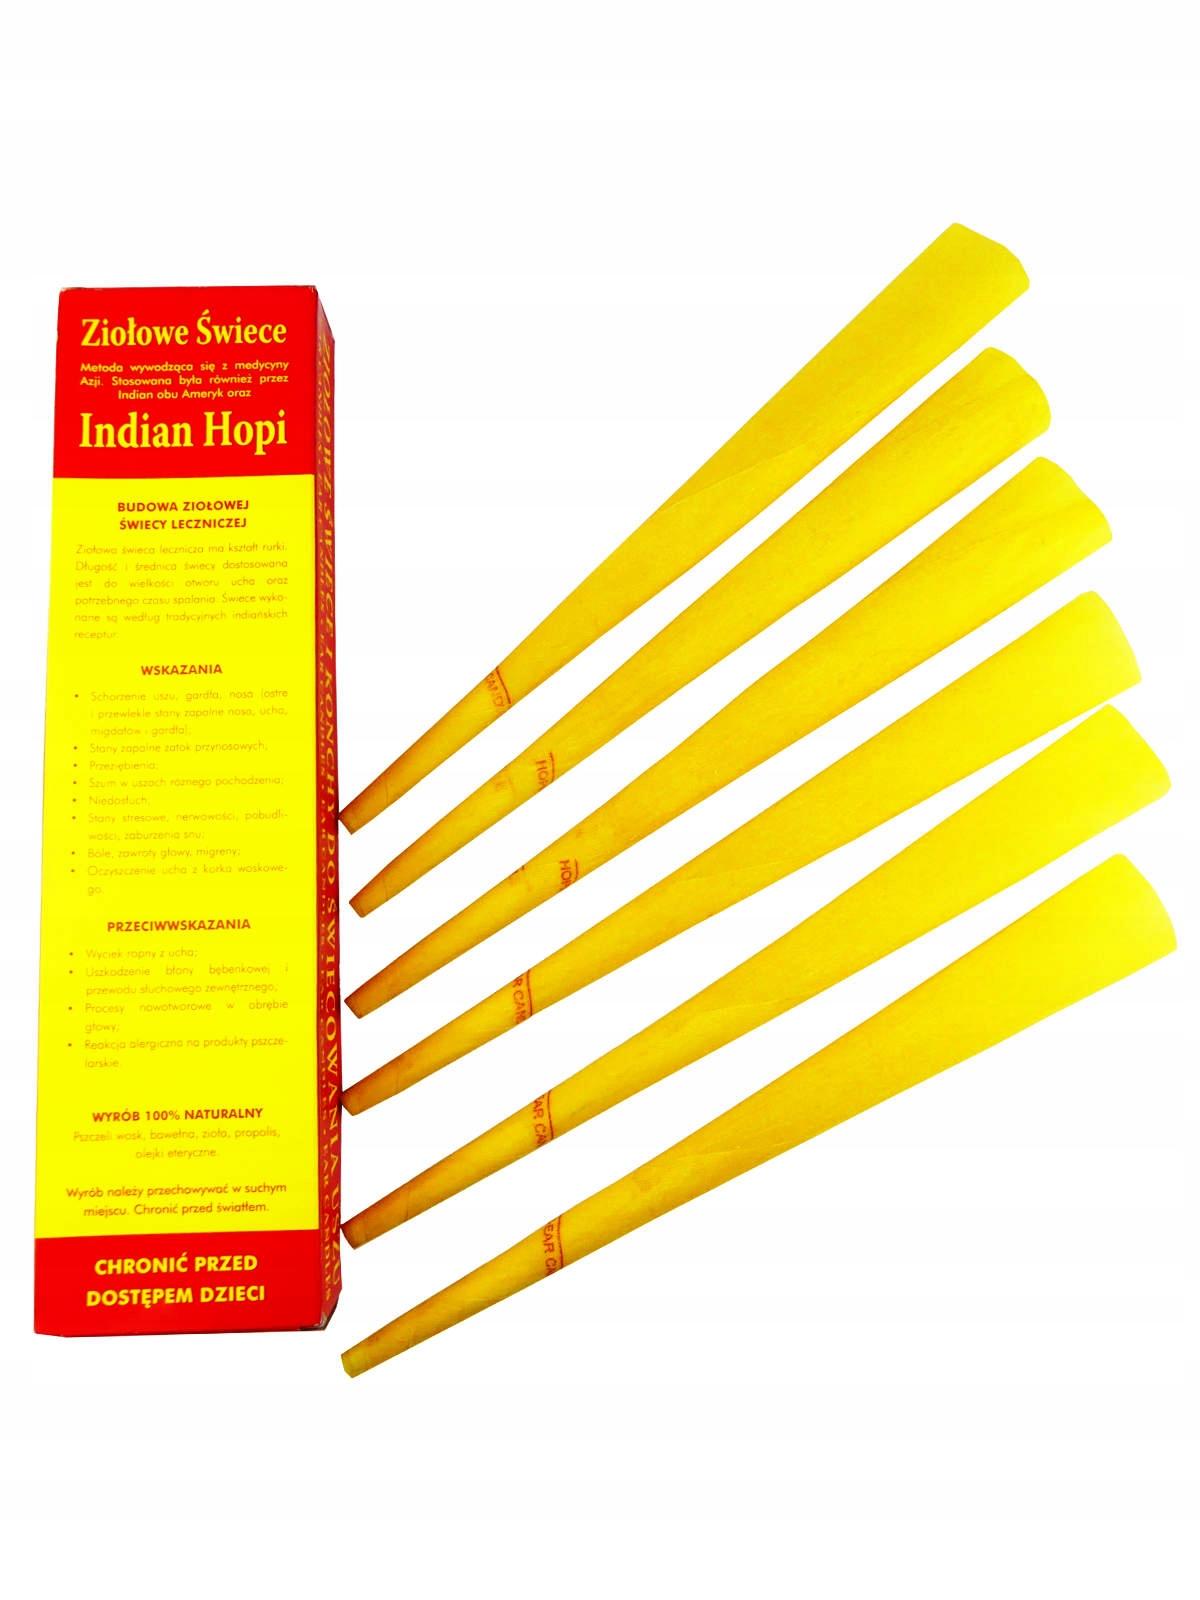 Ziołowe świece Konchy Indian do świecowania uszu